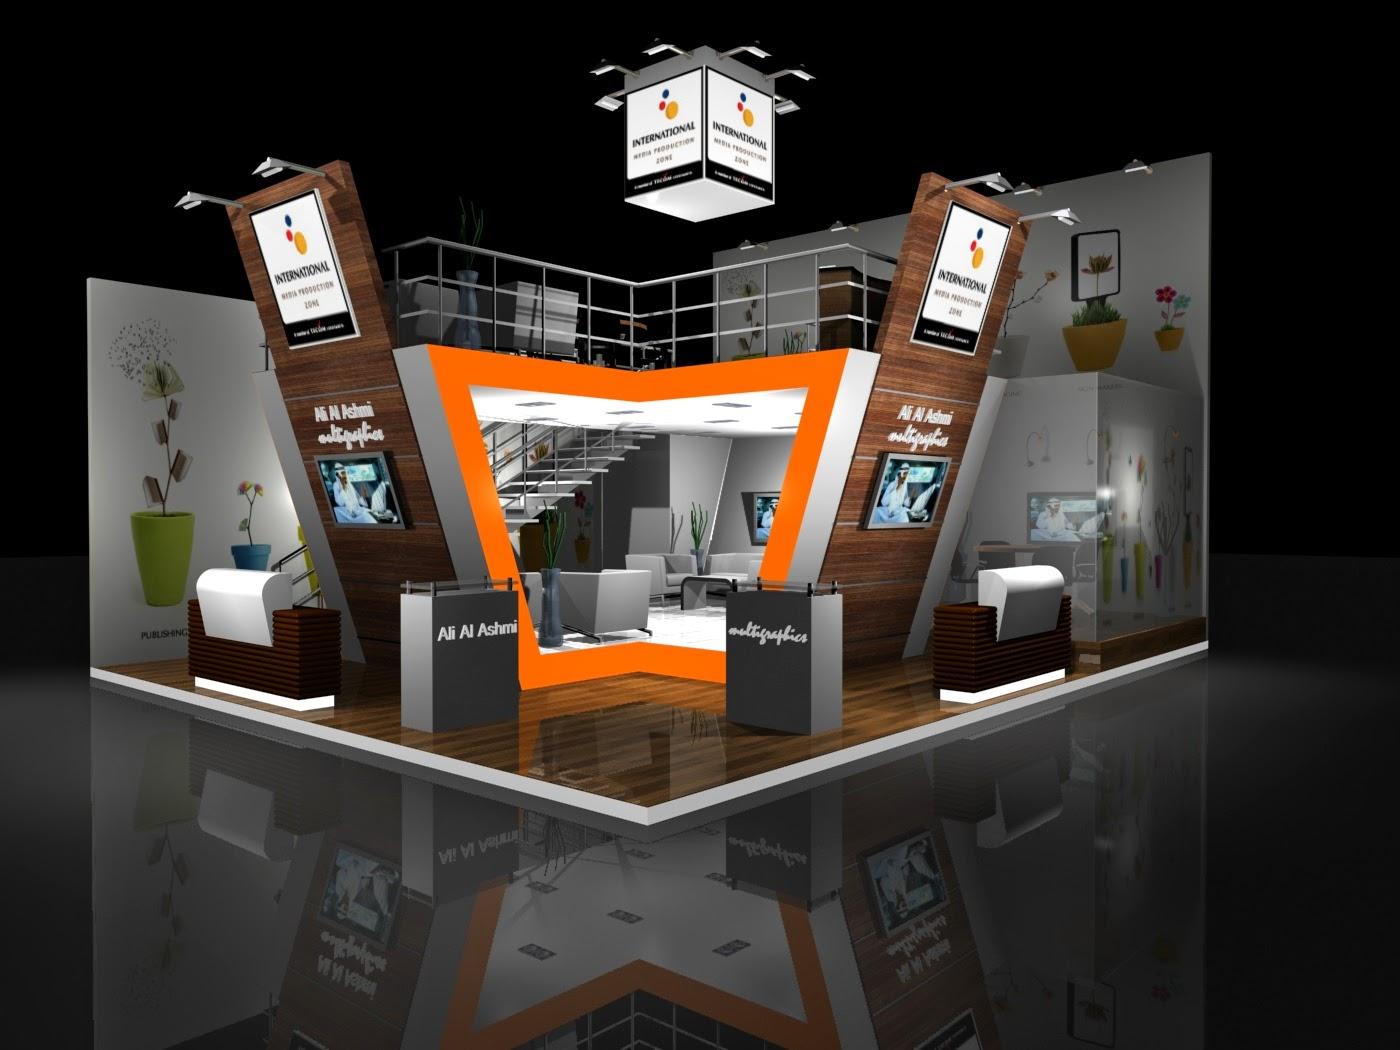 Exhibition Stand Design Germany : Gurooji design exhibition stand